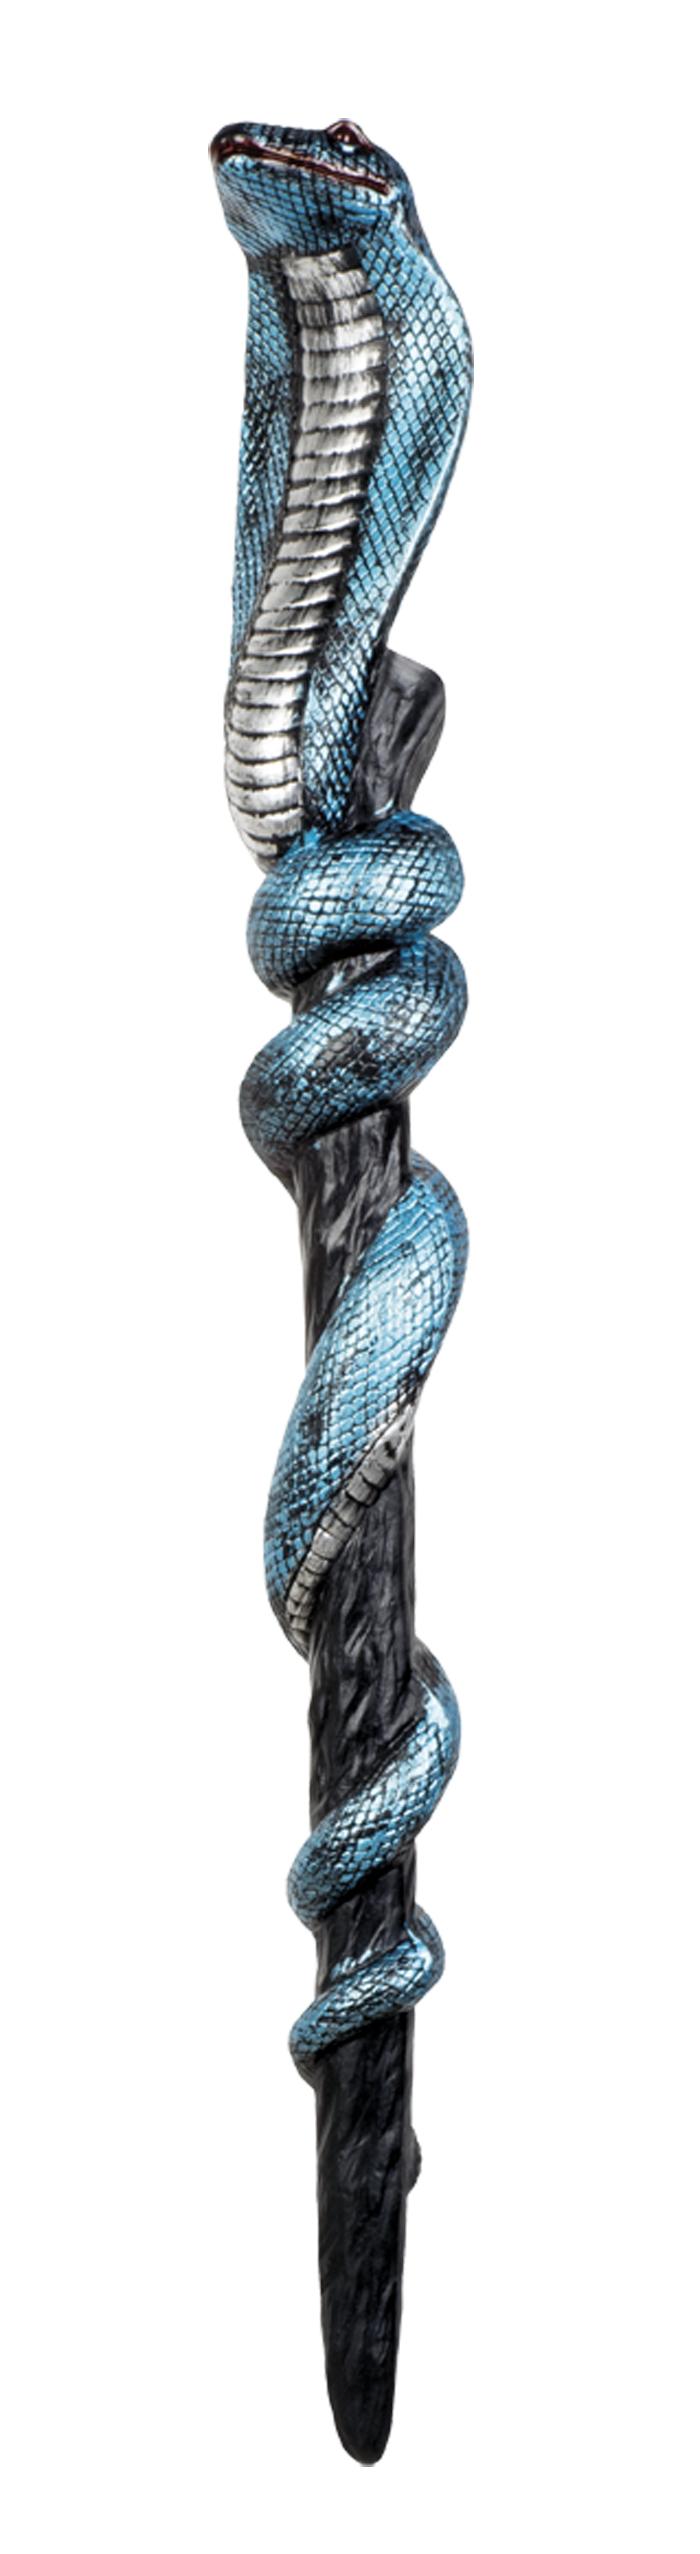 Slangen scepter (64cm)